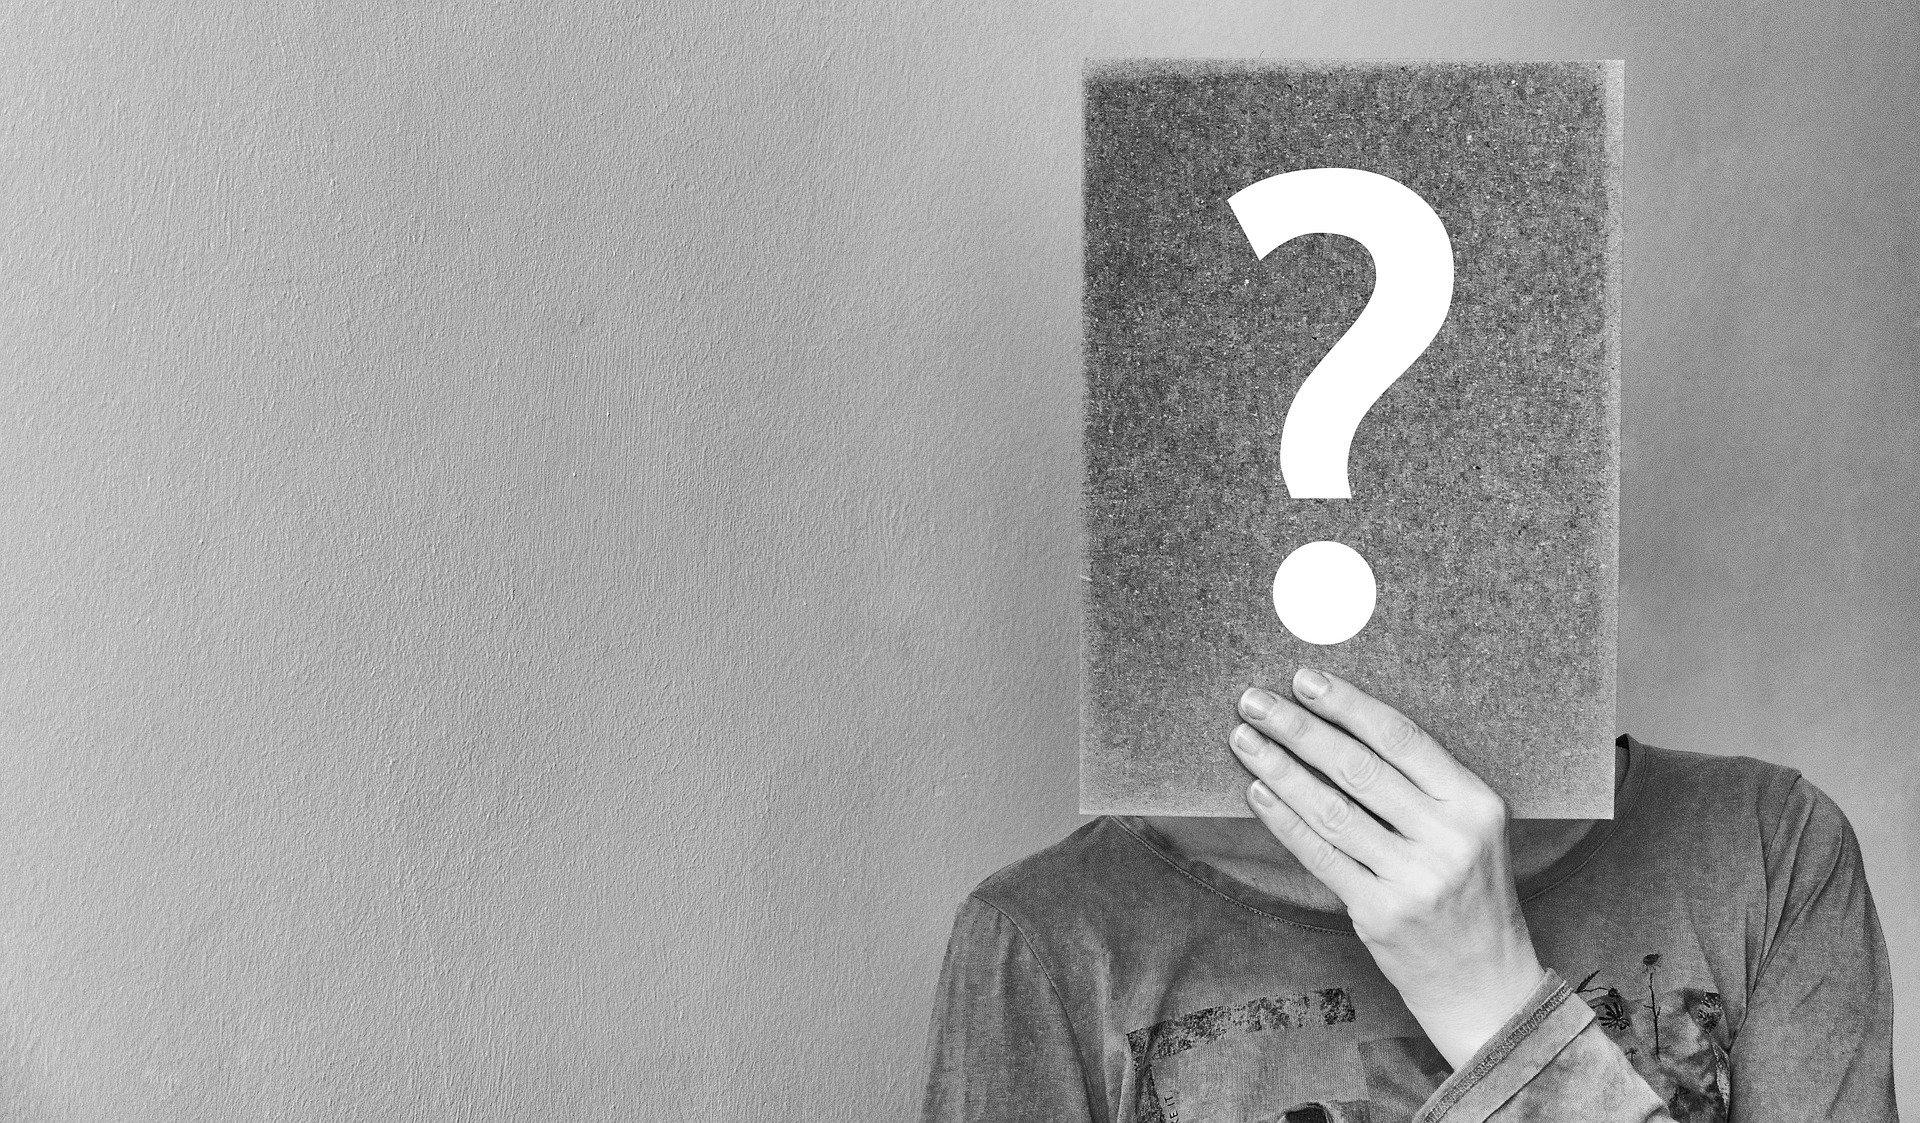 Punkt, Komma, Strich – die häufigsten Zeichensetzungsfehler